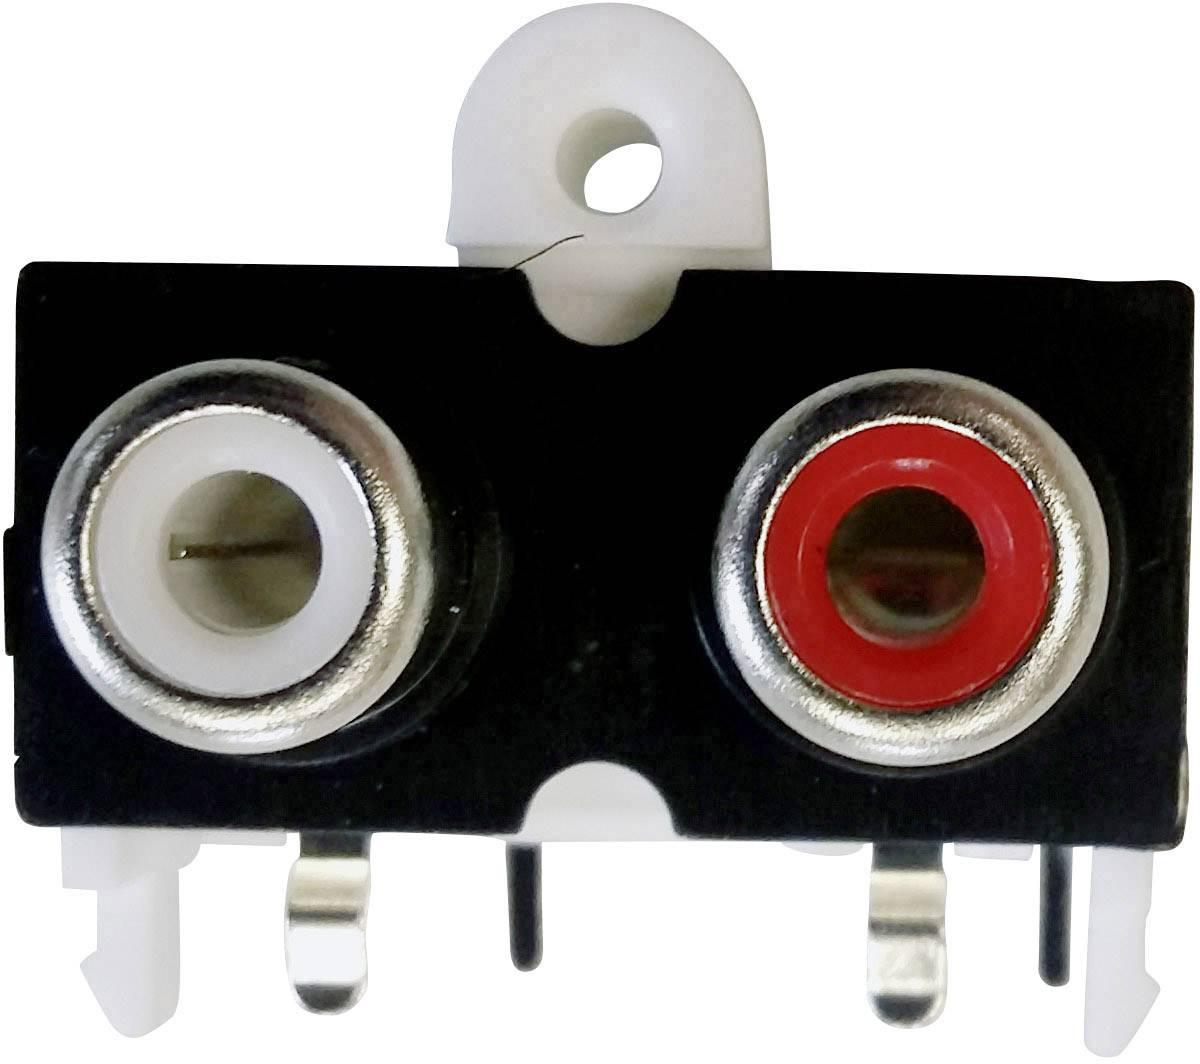 Cinch konektor zásuvka, vstavateľná horizontálna TRU COMPONENTS 2, 1 ks